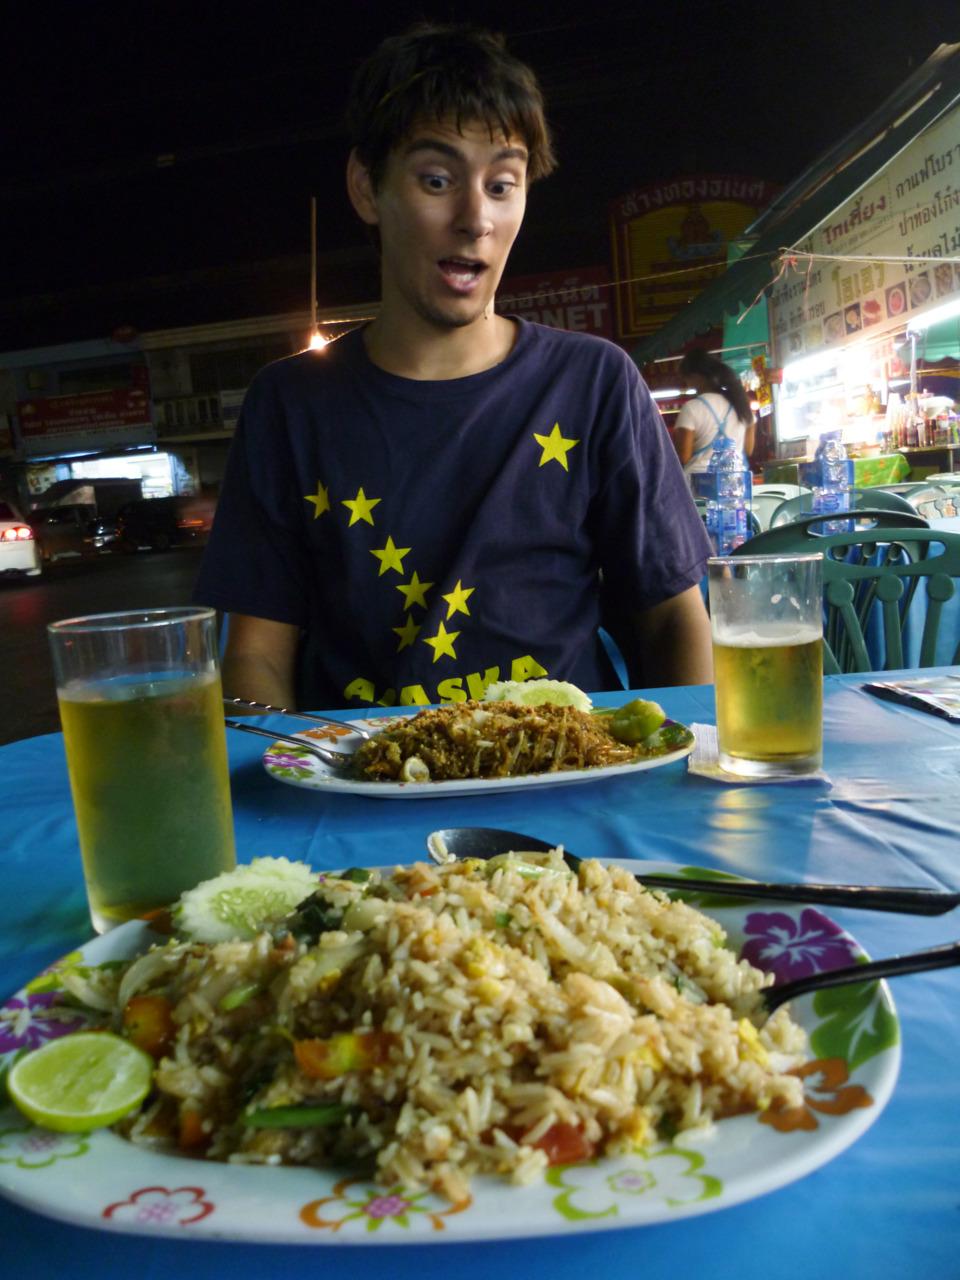 Cheap street vendor meal = Pad Thai = $2